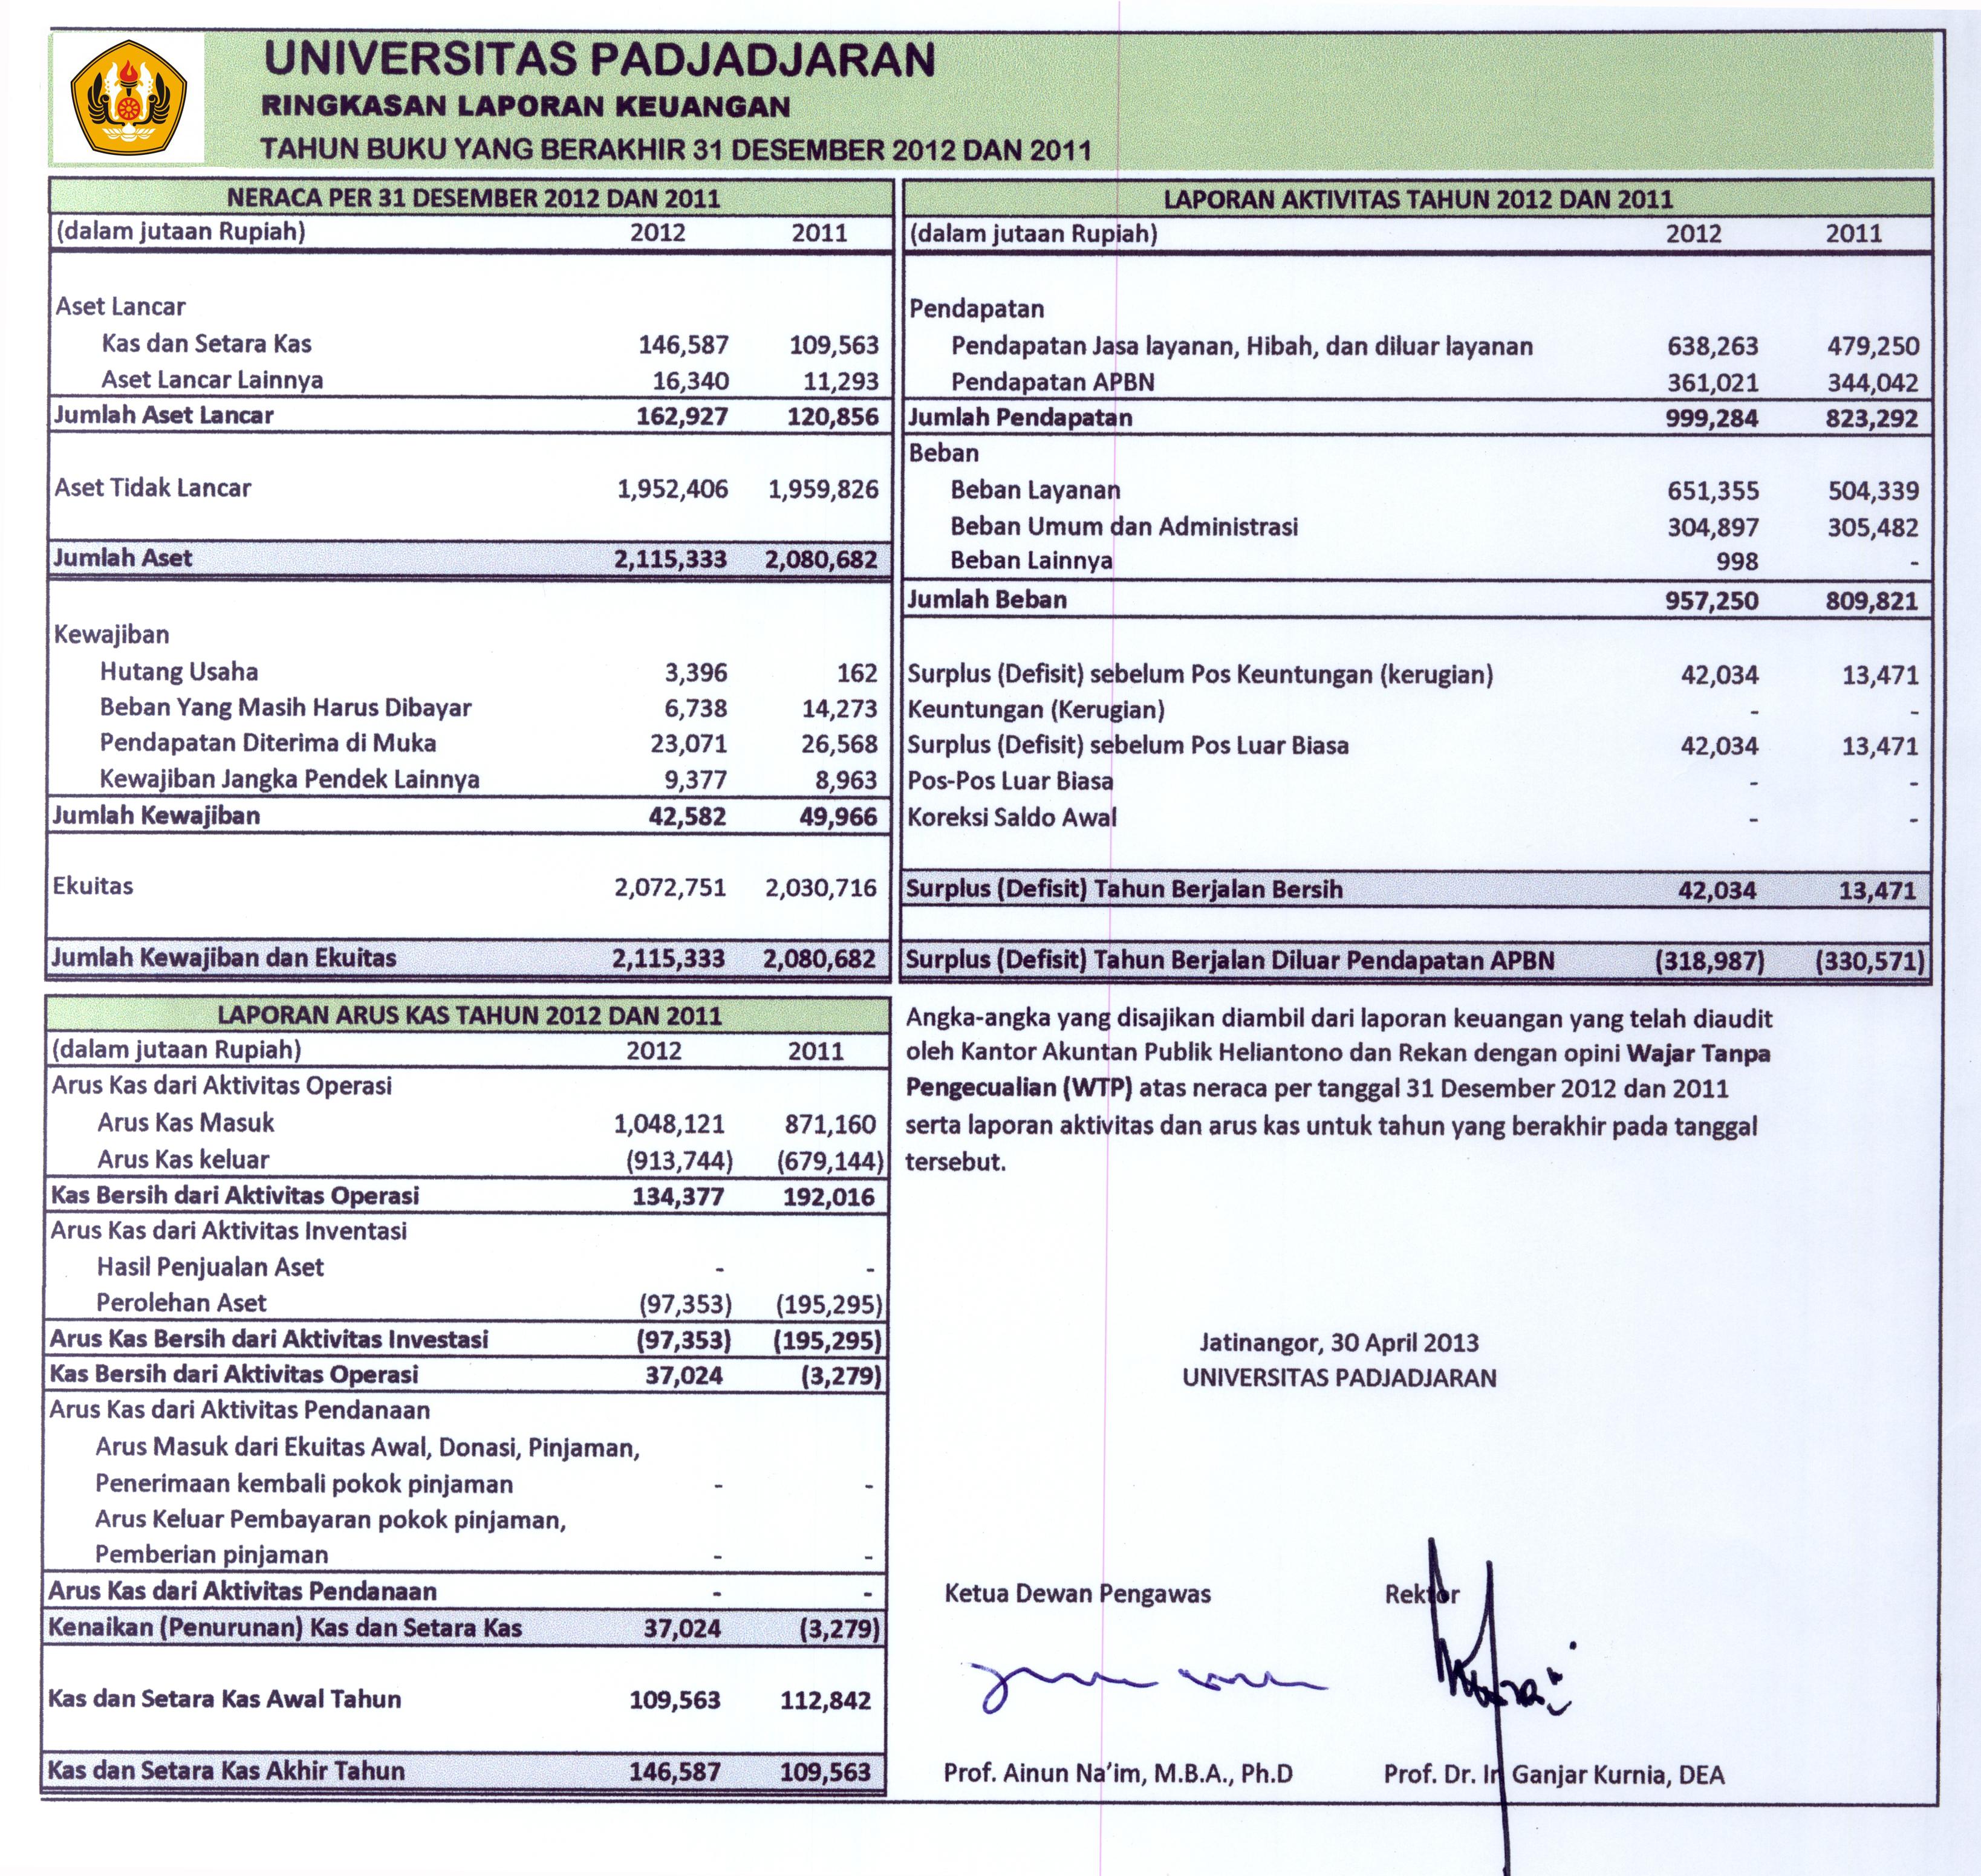 Contoh Laporan Keuangan Yayasan Pendidikan Islam Kumpulan Contoh Laporan